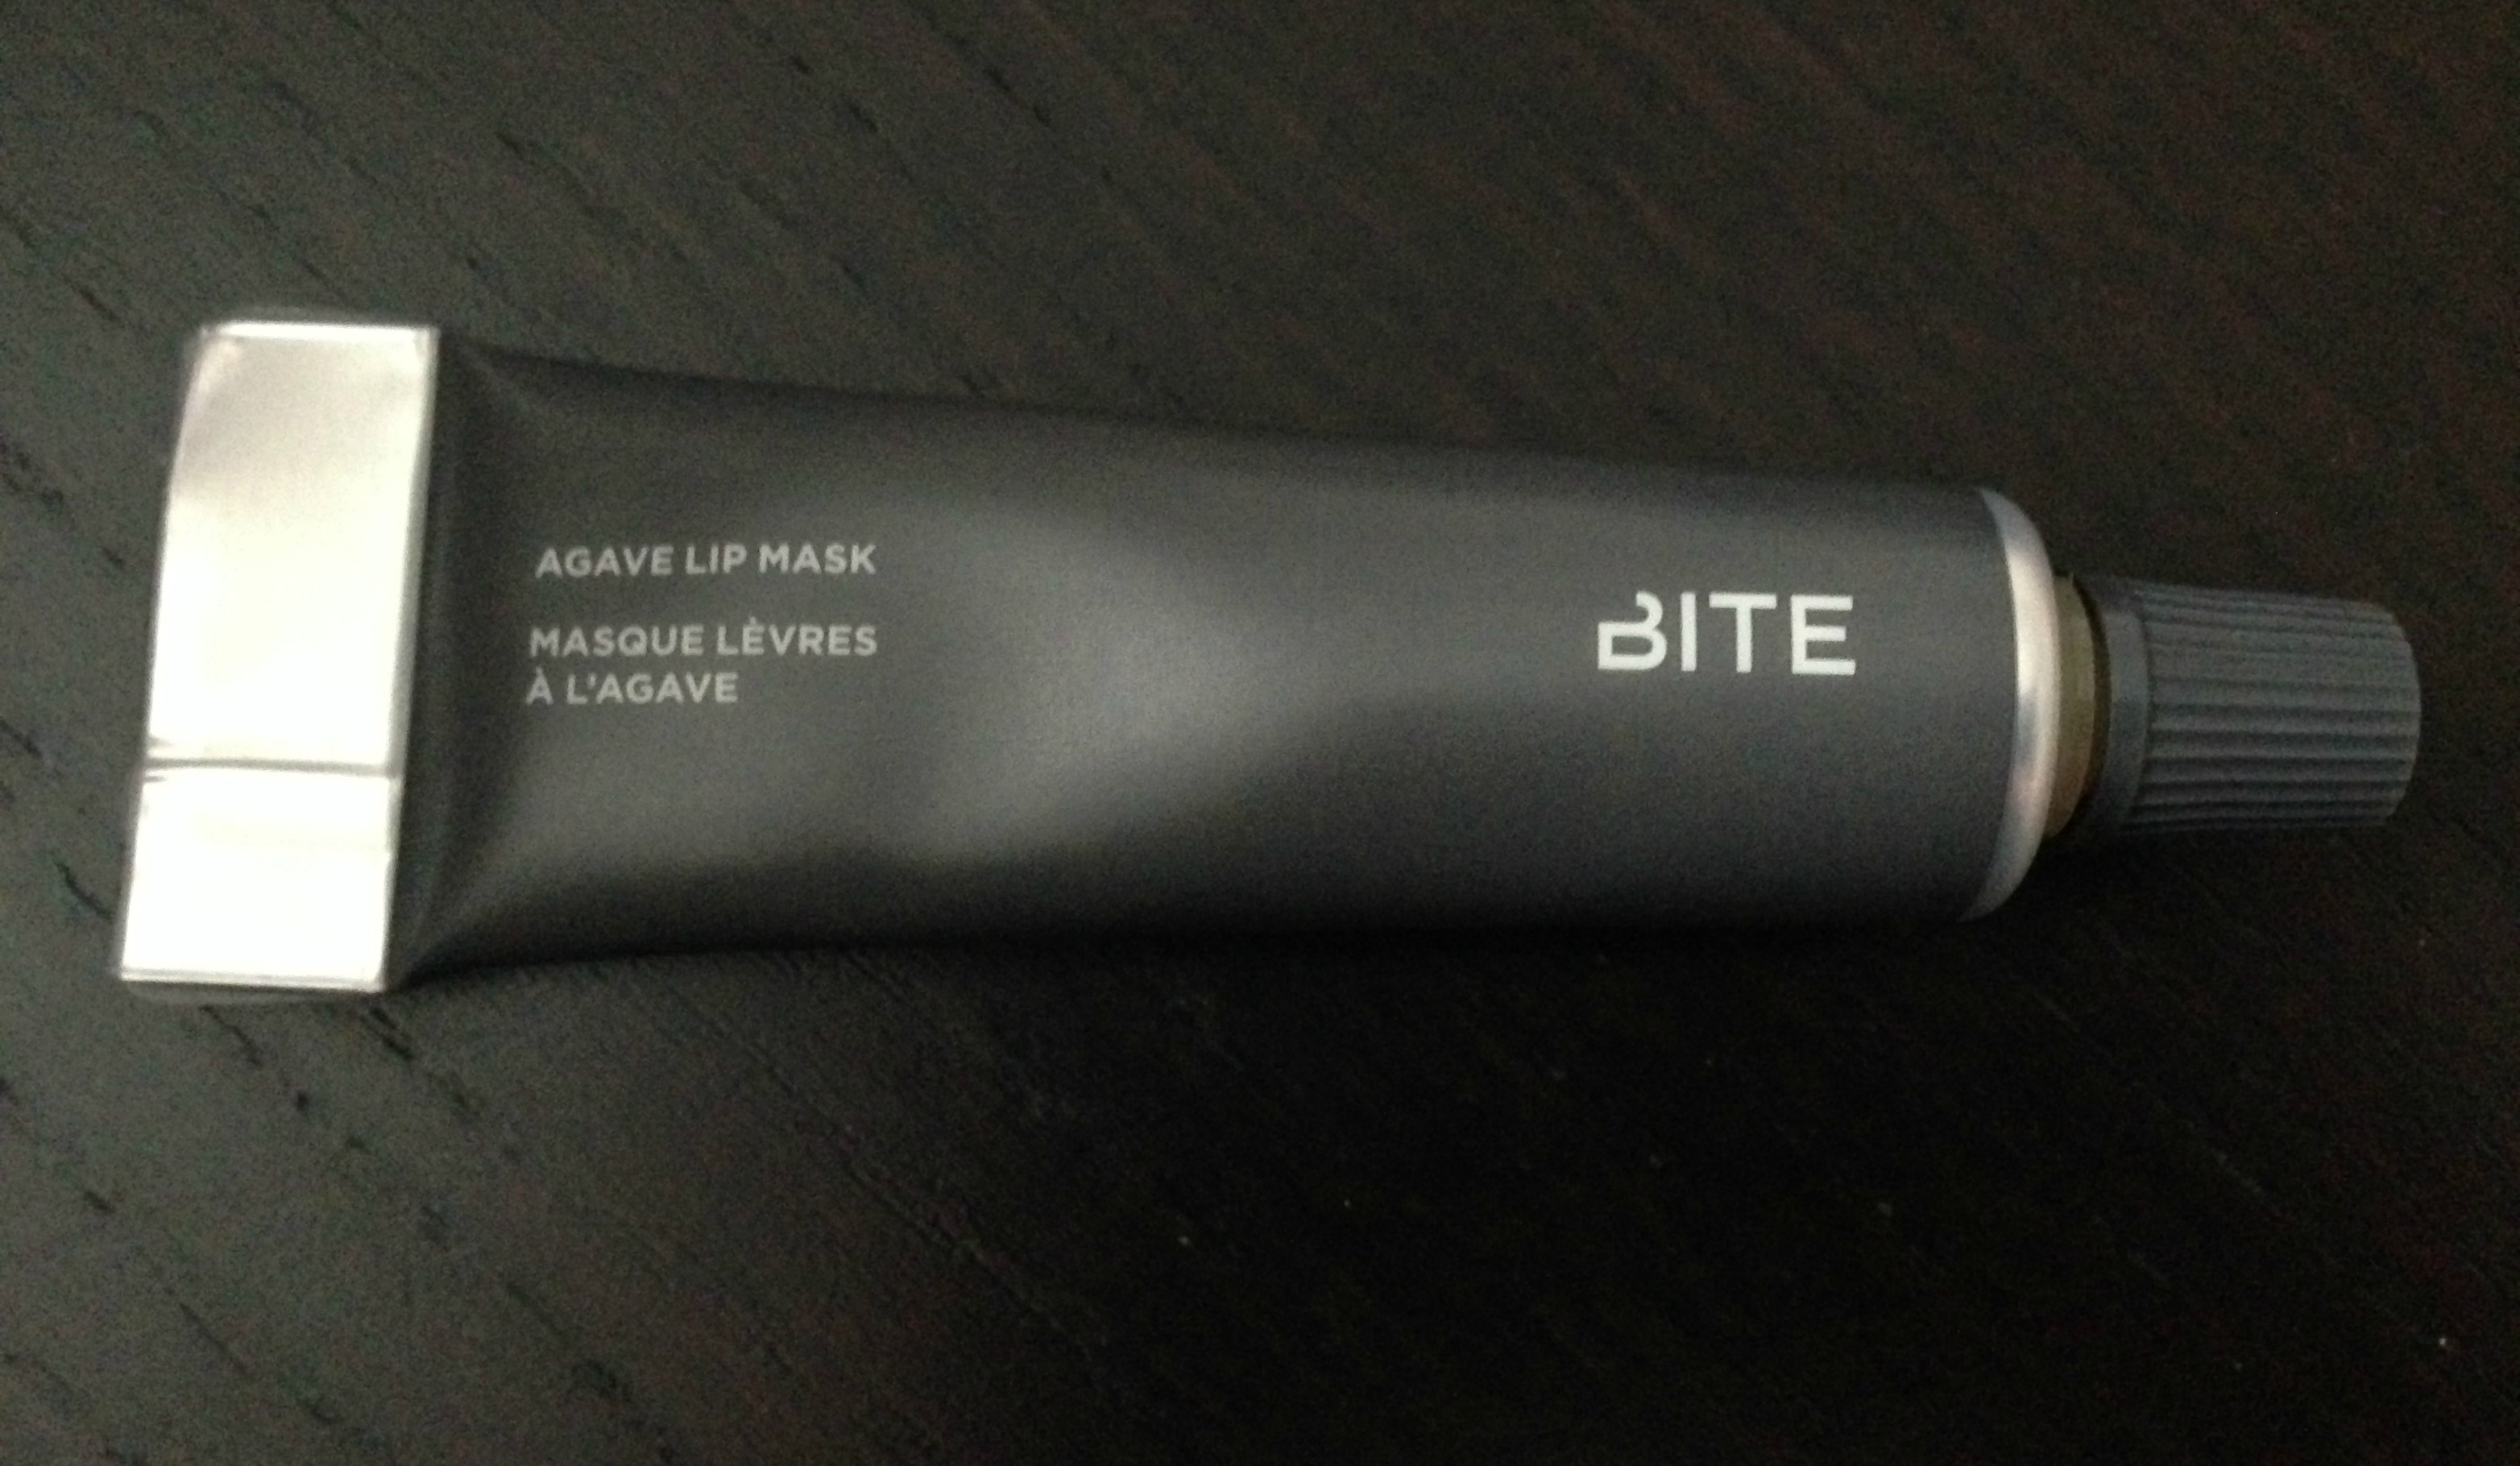 Bite Beauty Agave Lip Mask